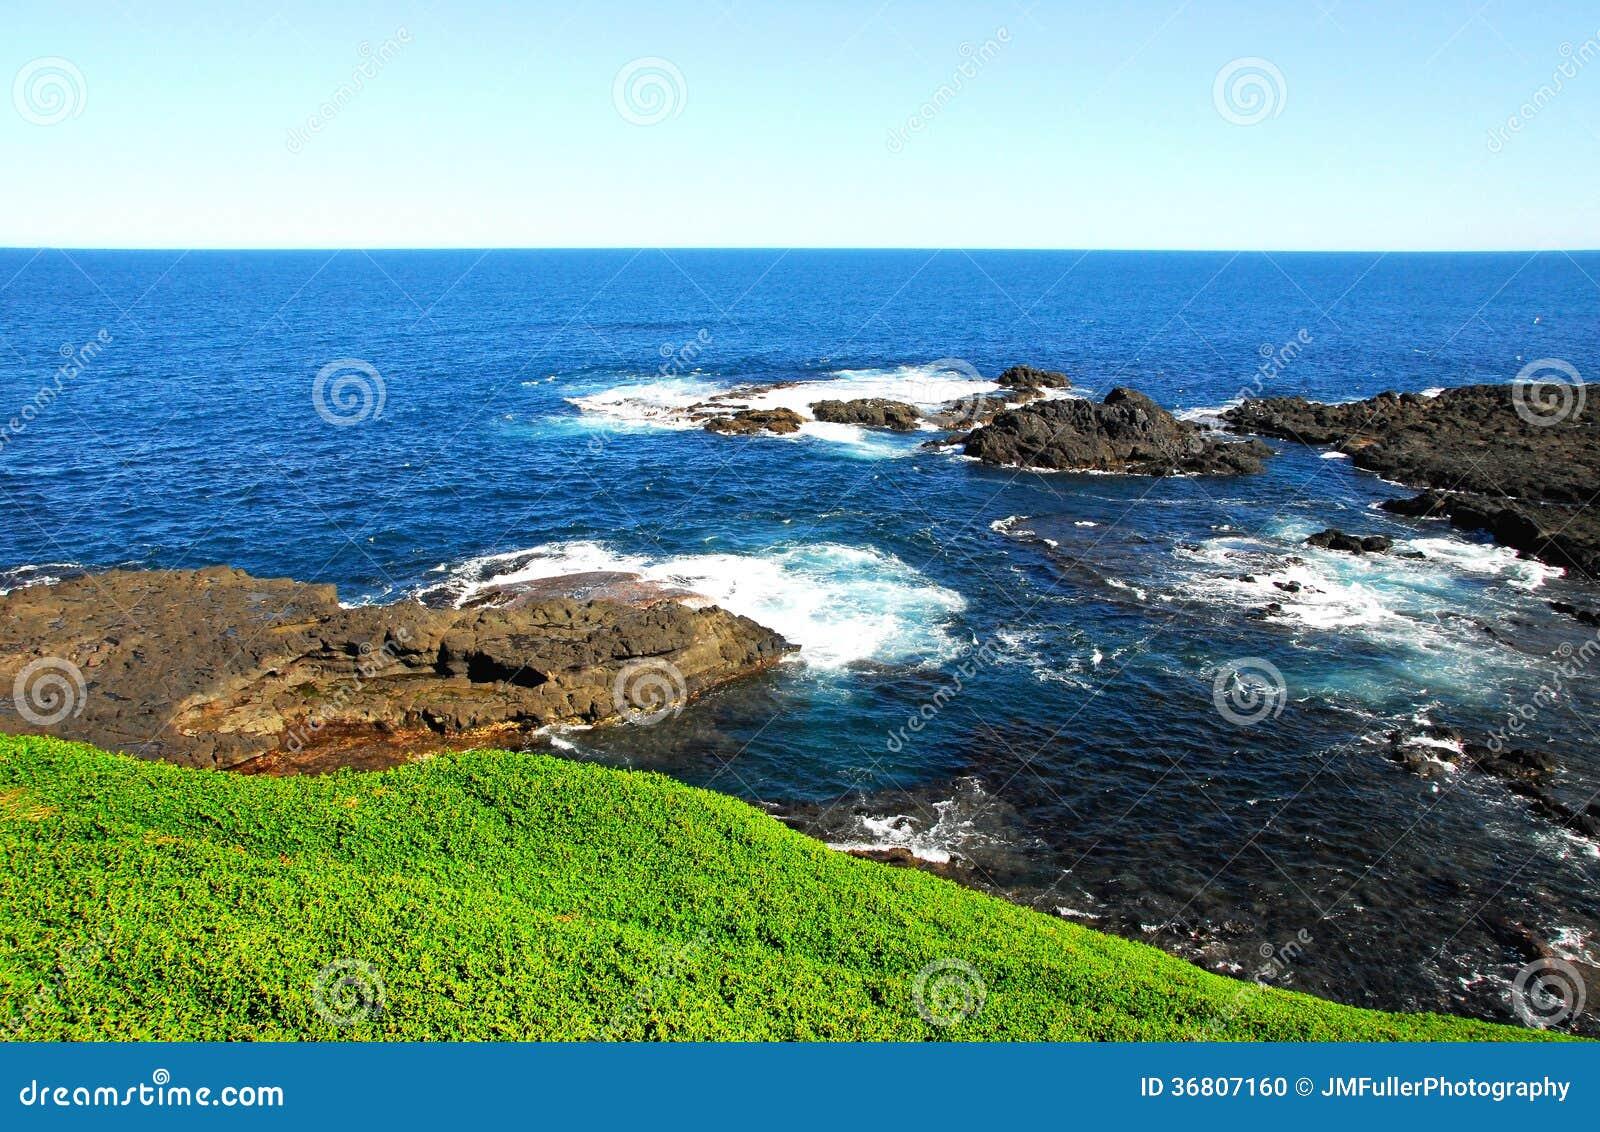 Phillip Island September